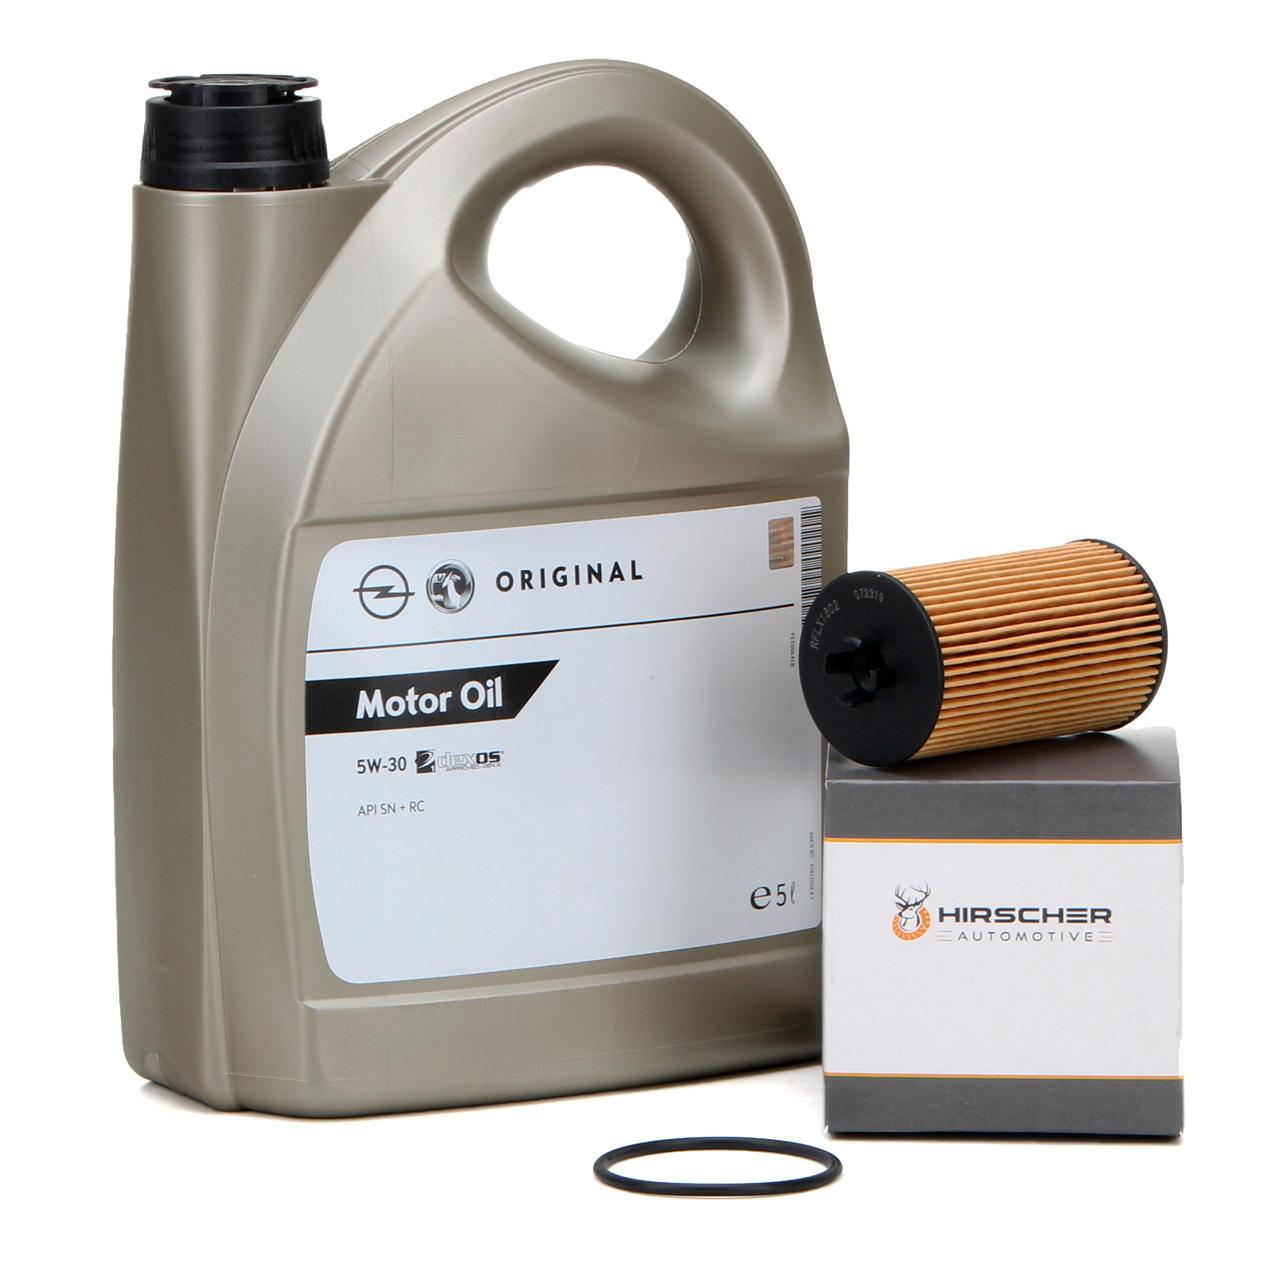 ORIGINAL GM Opel Öl 5W30 DEXOS1 Gen2 5L 95527874 + HIRSCHER Ölfilter 95526685